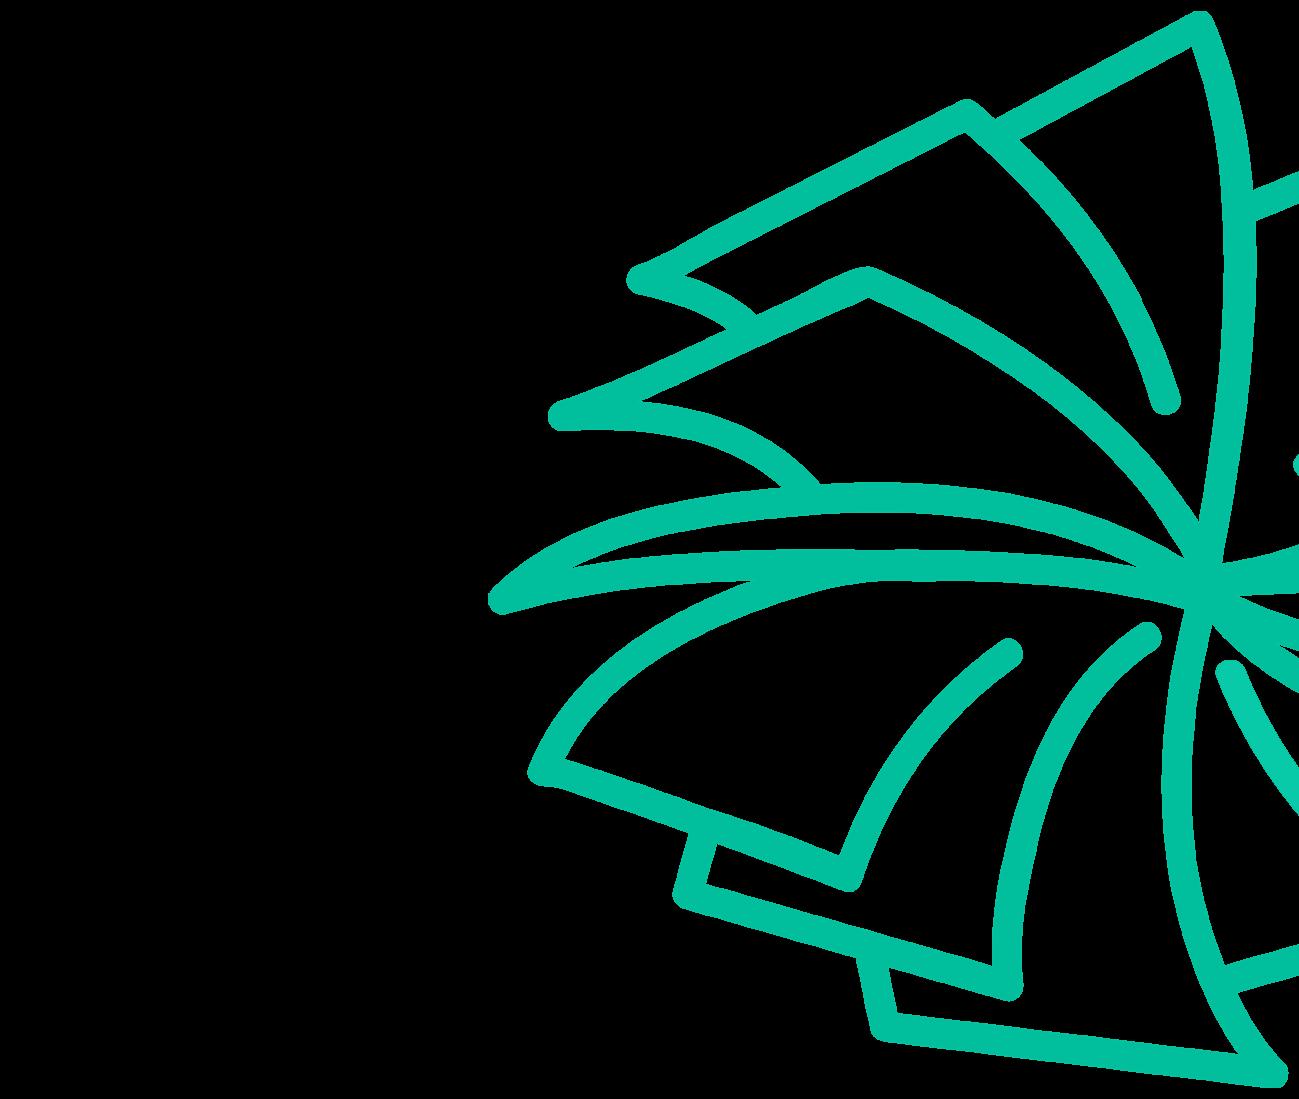 simbolo_fundo